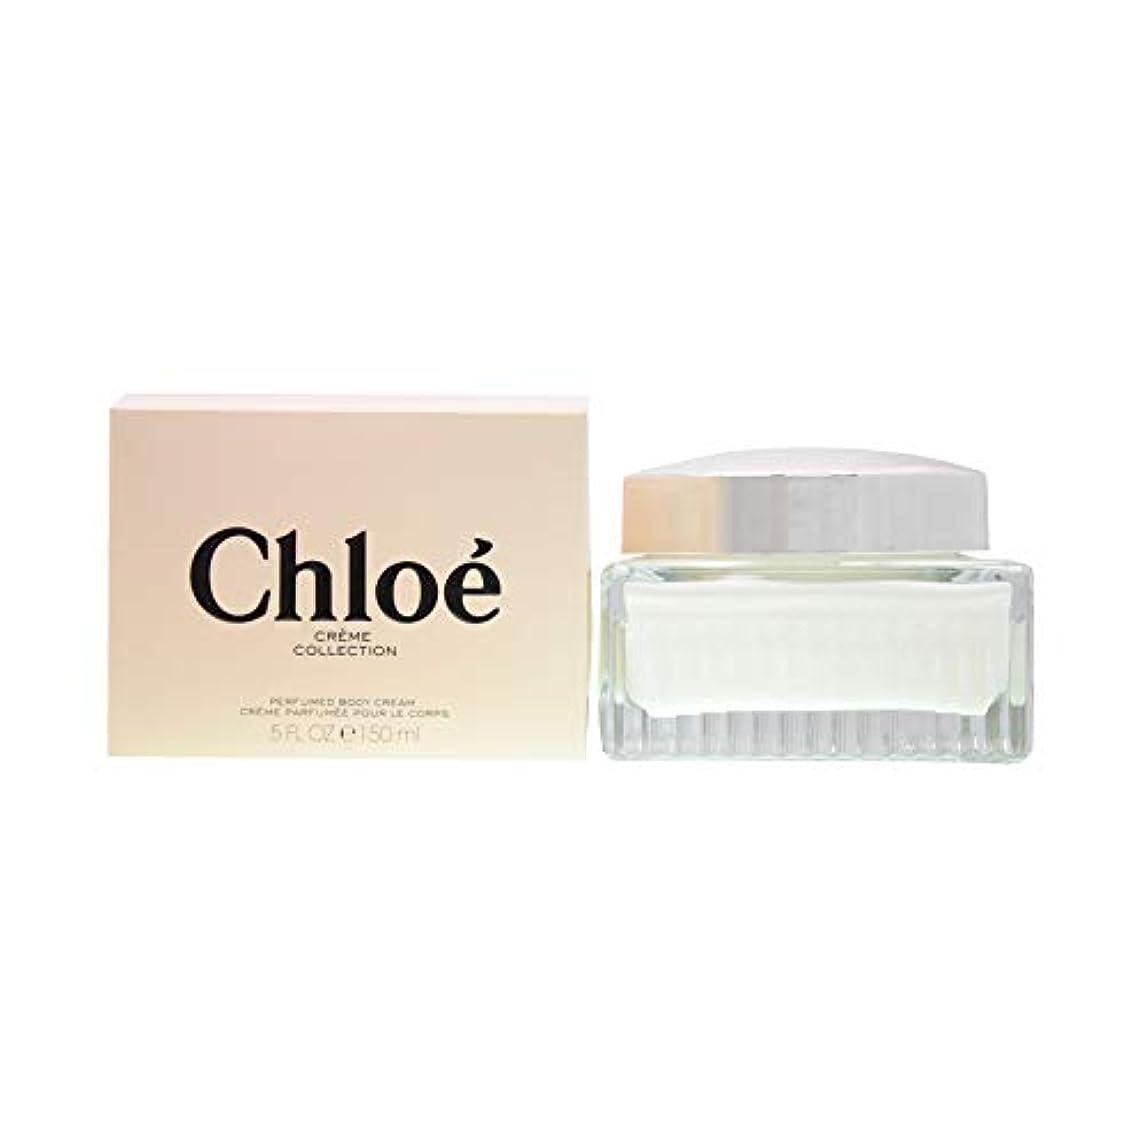 エキサイティングバングラデシュ契約したクロエ chloe パフューム ボディクリーム 150ml レディース 「クロエ オードパルファム」の香りからインスパイアされ誕生したボディークリーム [並行輸入品]